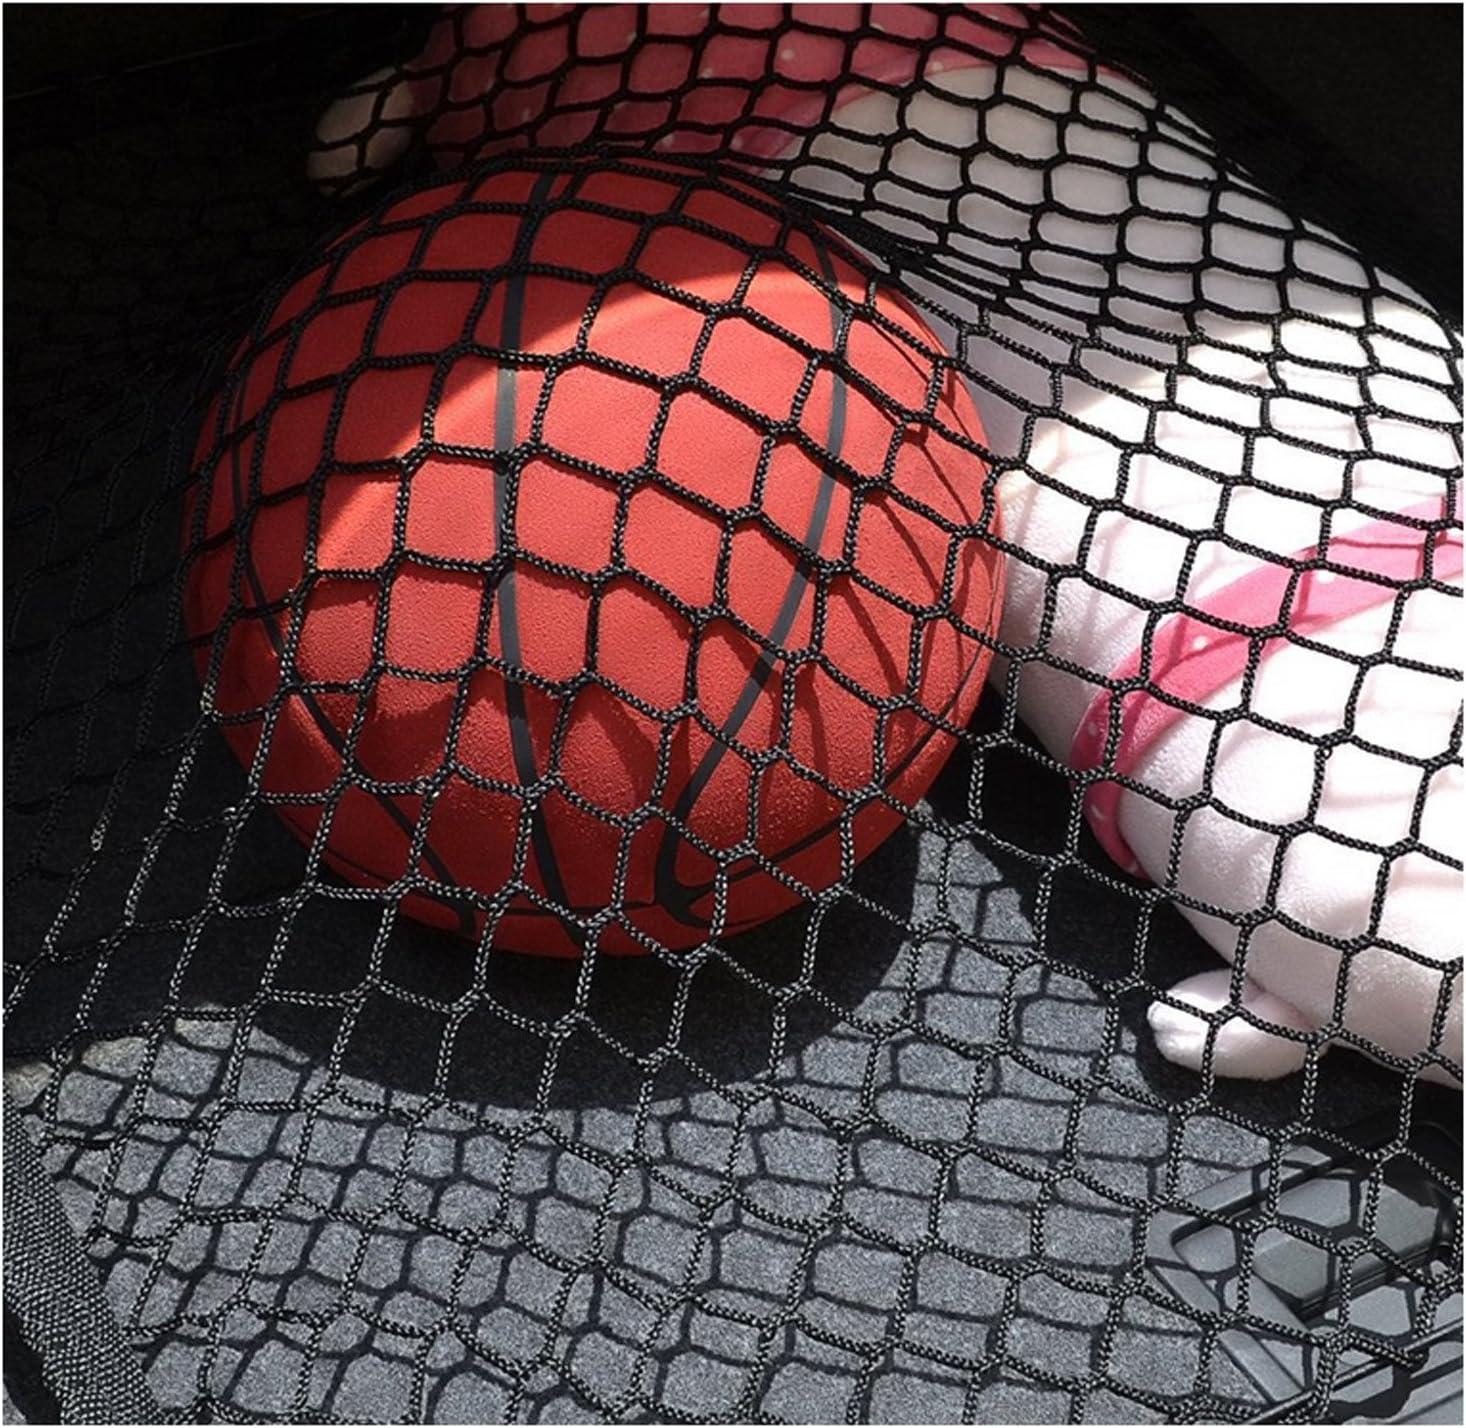 Ruesious Verstellbares Elastisches Hochleistungs Suv Trunk Netz Universell Dehnbares Cargo Netz Mit Haken Organizer Lagerung Mesh Nylon Bungee Für Auto Suv Van Schwarz Auto